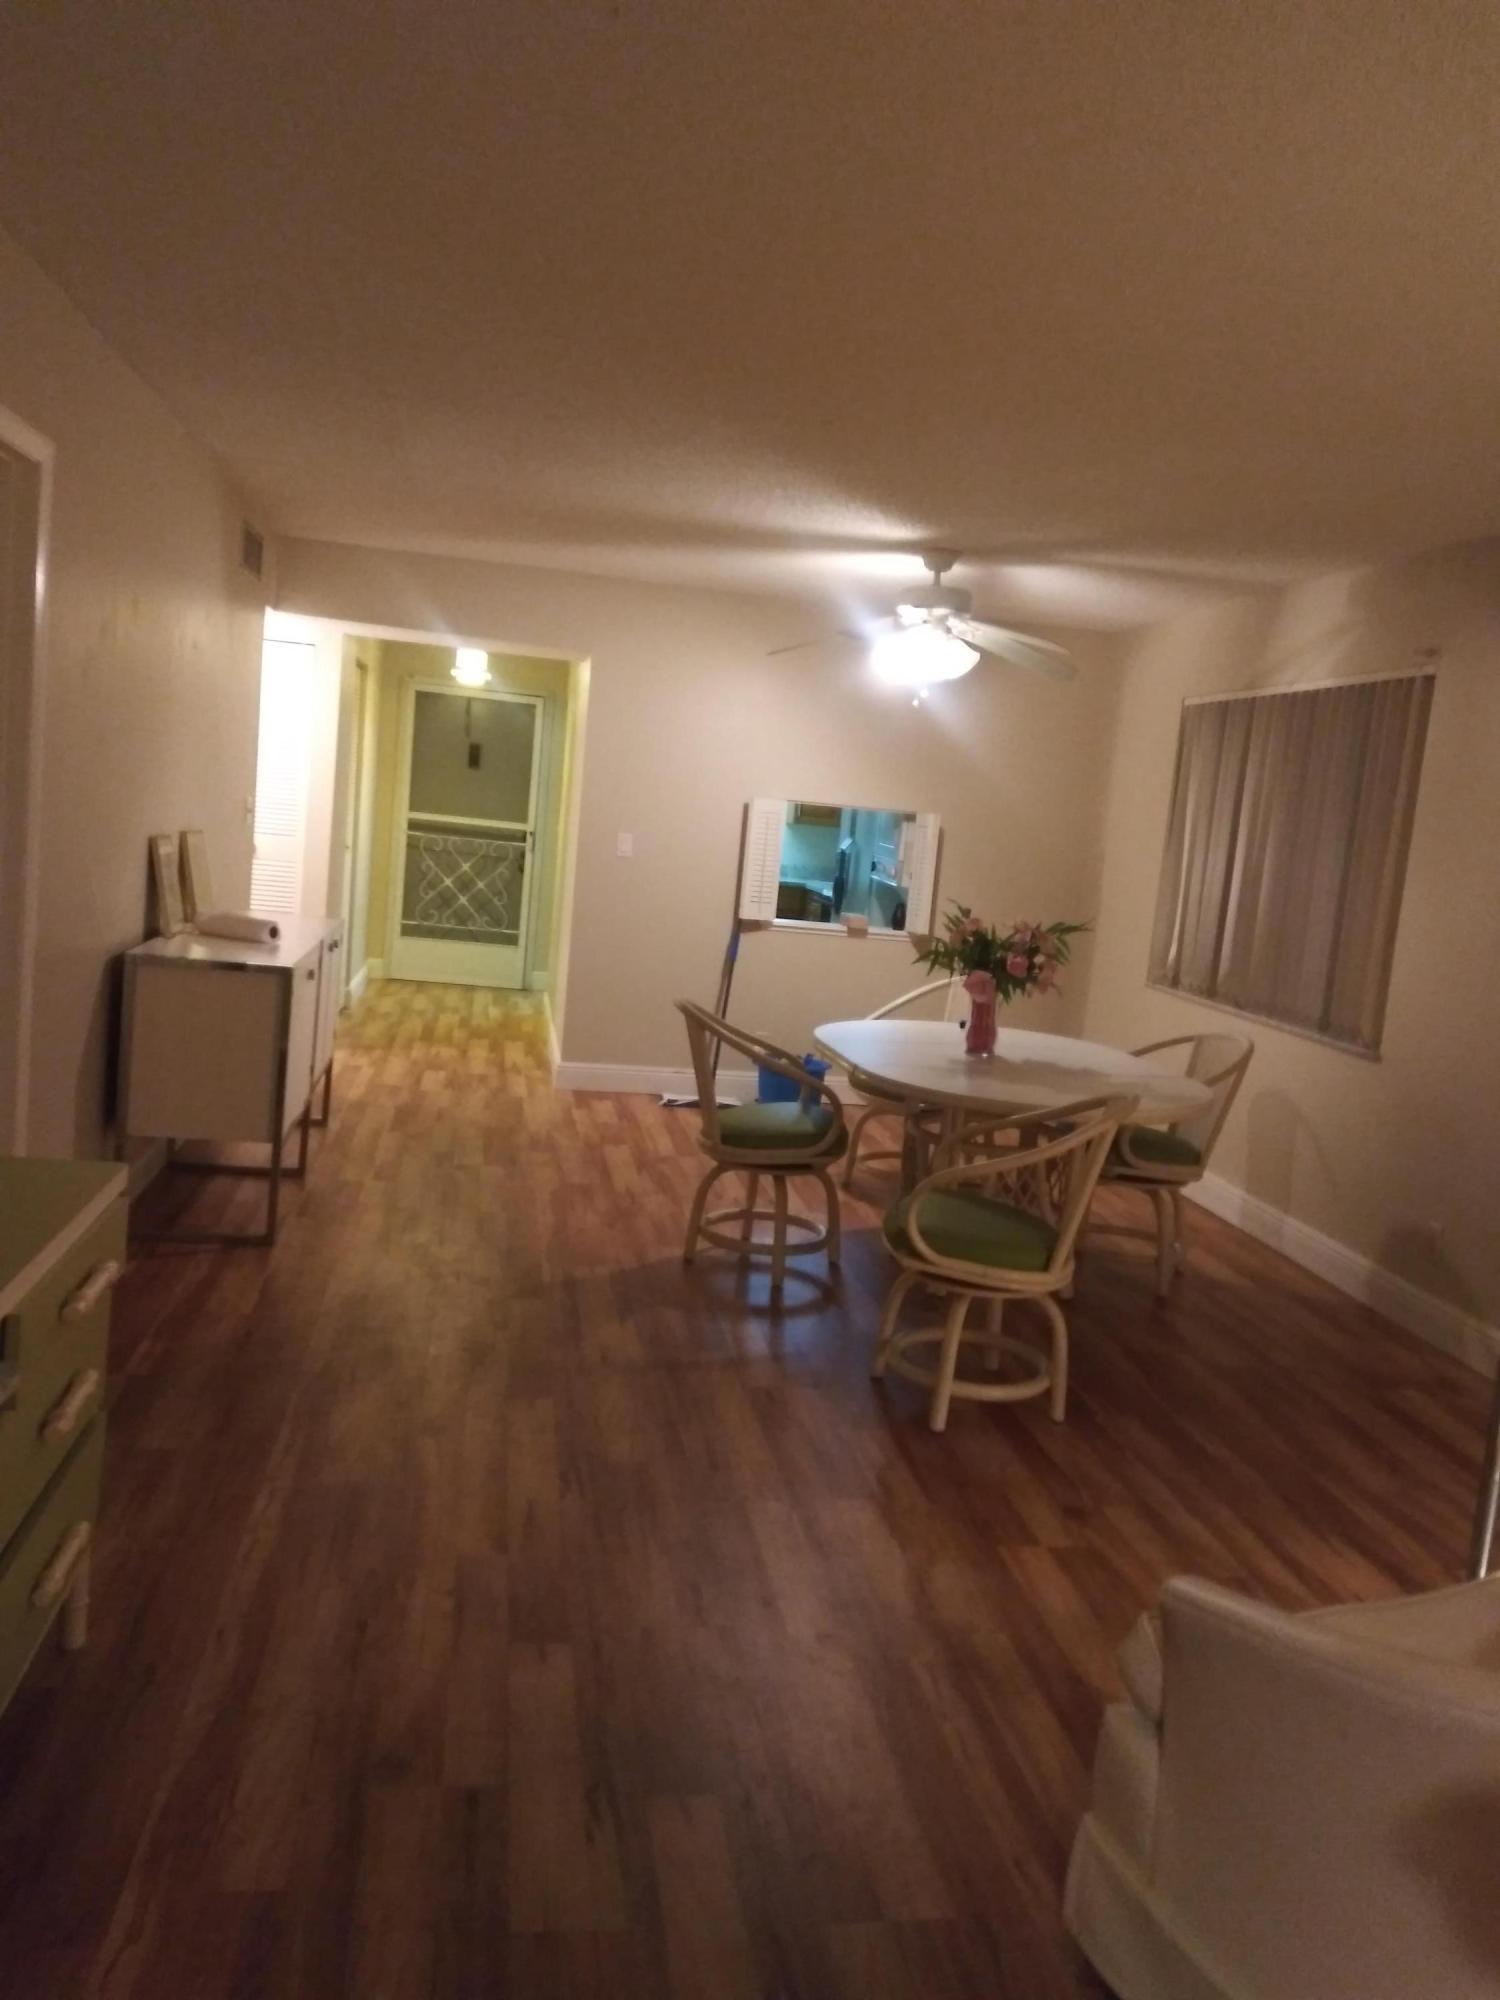 view of living room floor